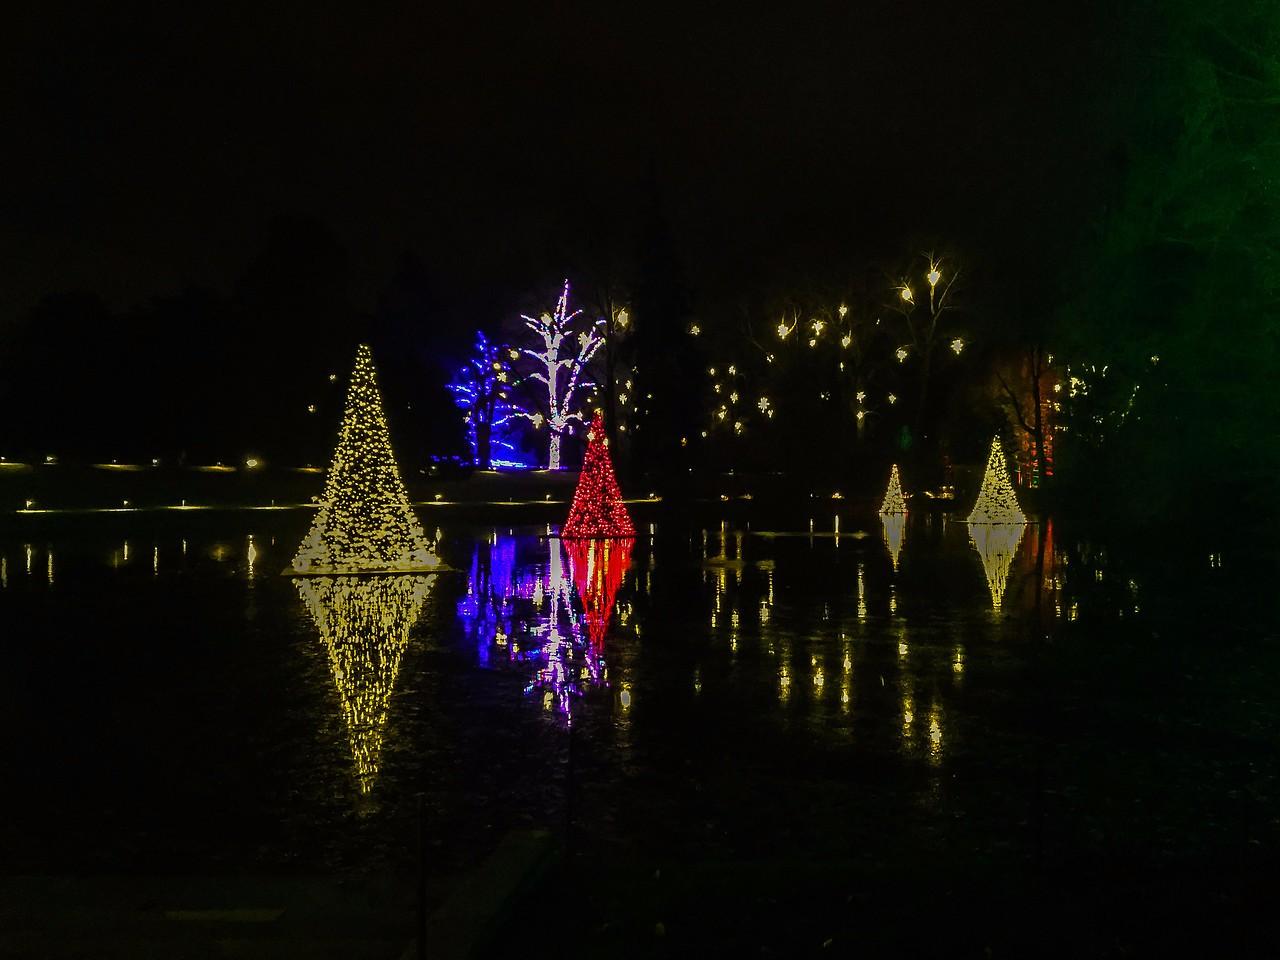 费城长木公园,夜幕下的灿烂_图1-5